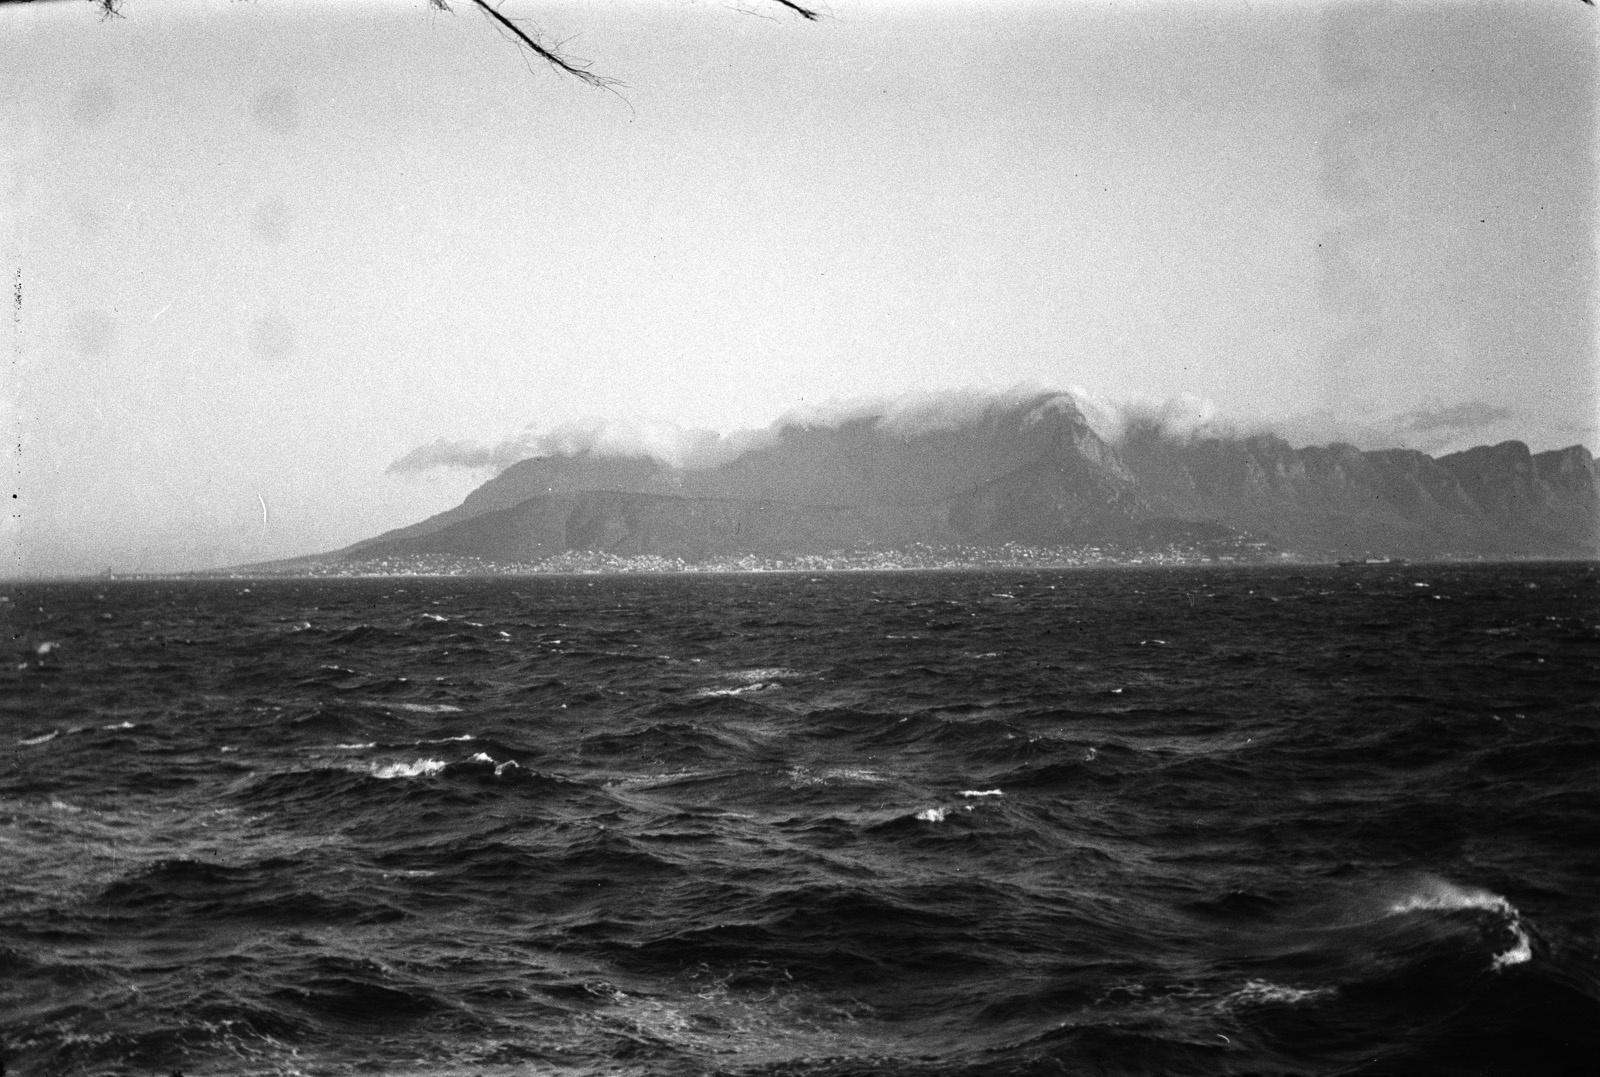 Кейптаун. Столовая гора возле Кейптауна, сфотографированная с моря